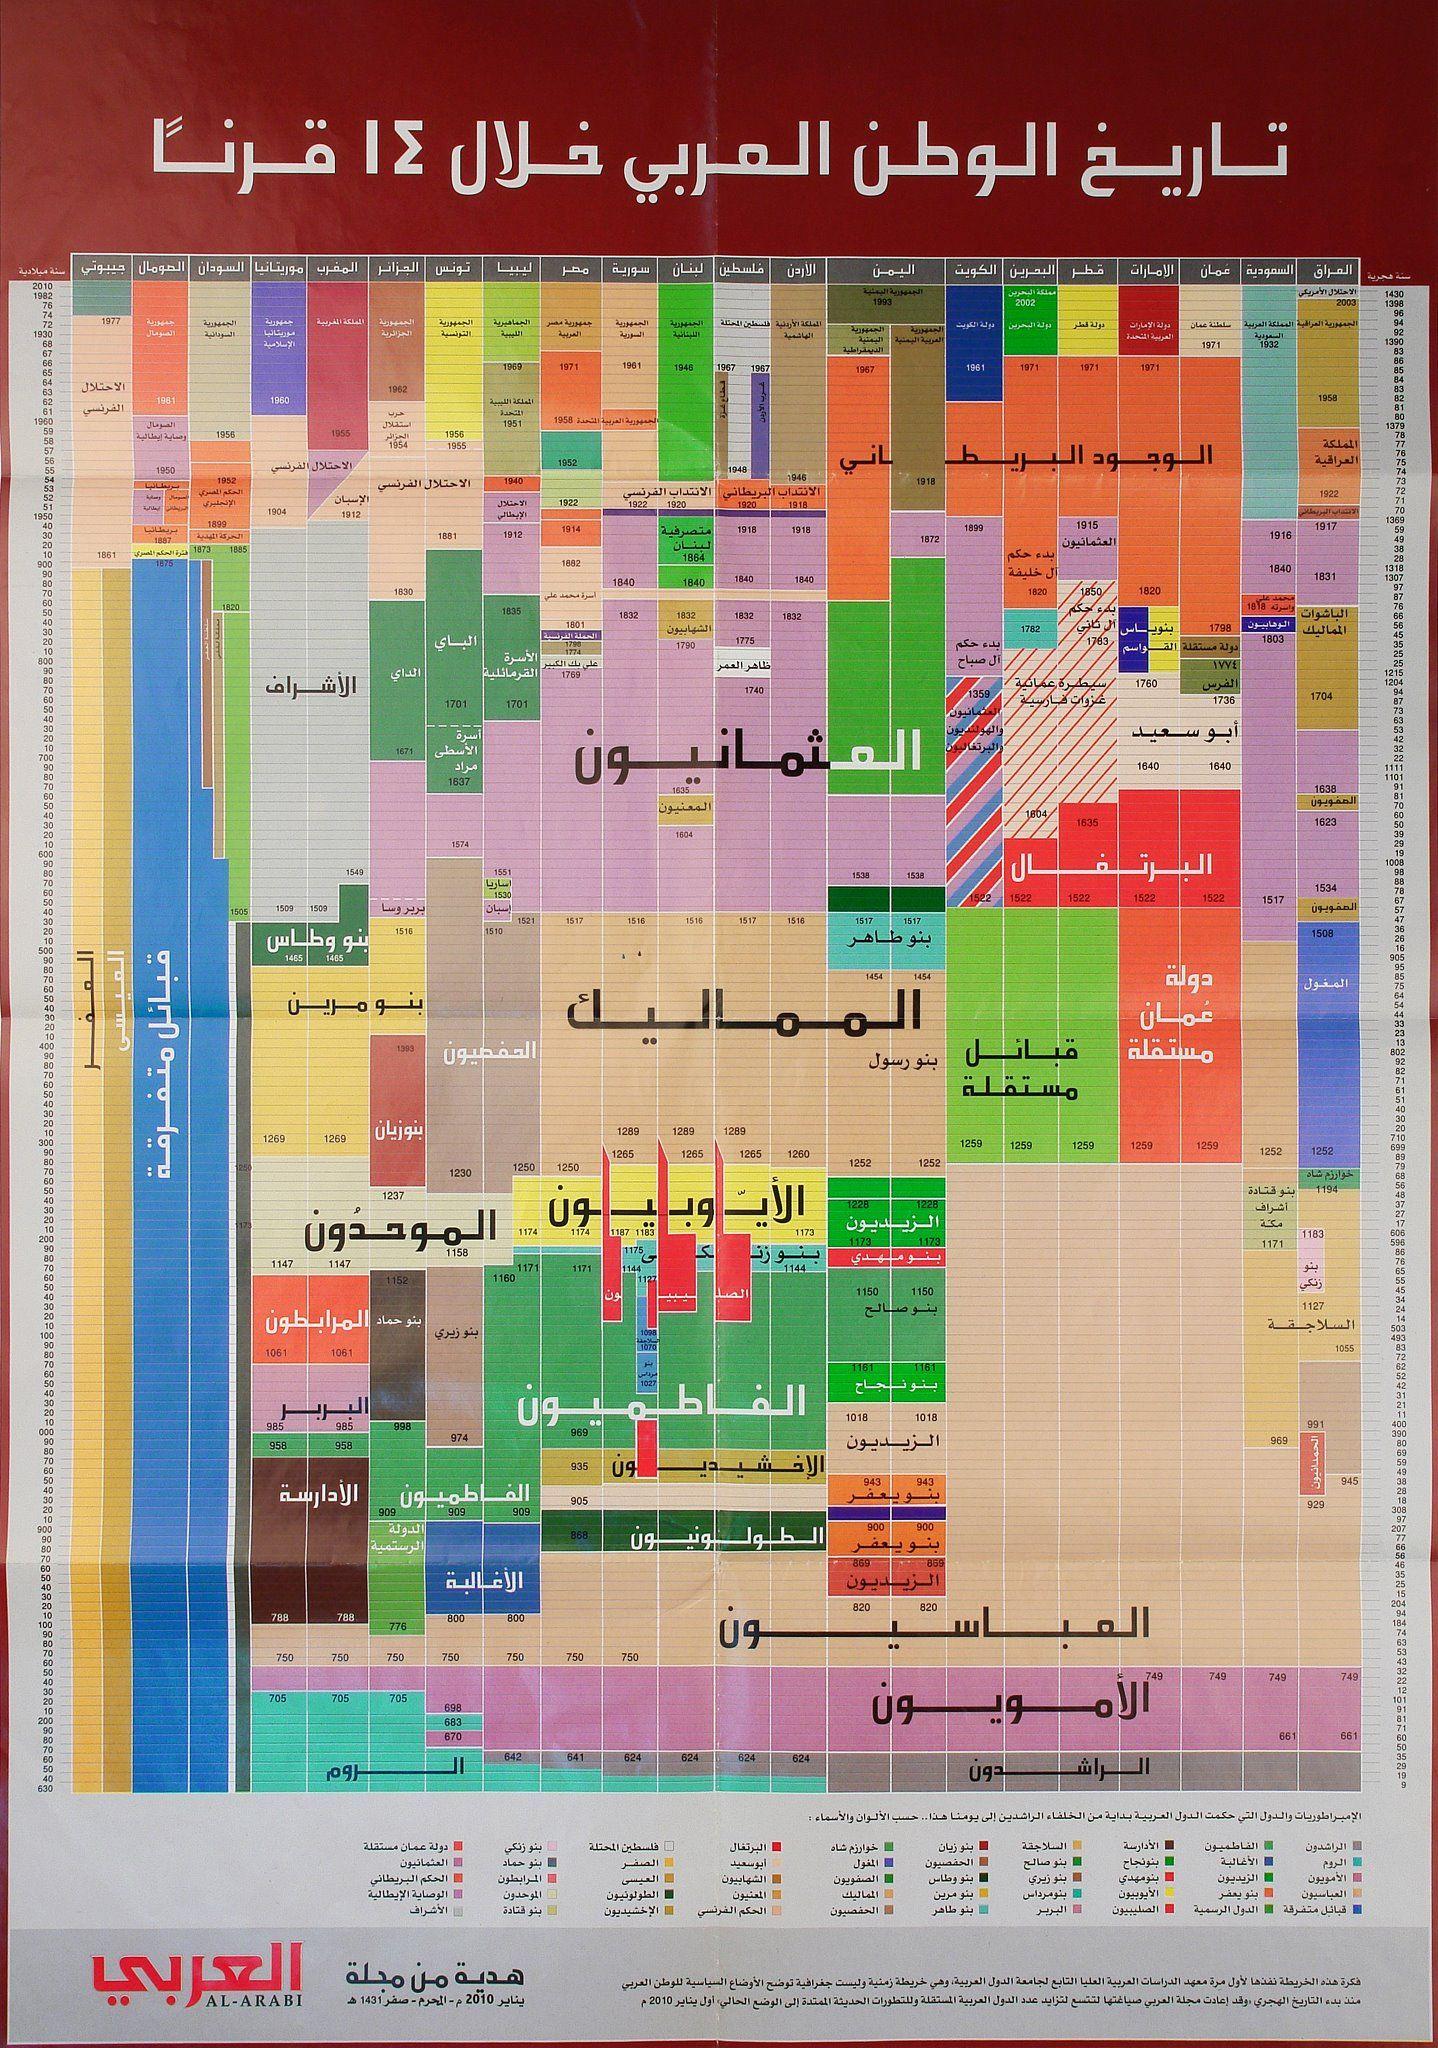 14 قرنا من تاريخ الوطن العربي في صفحة واحدة Imgur Learn Arabic Alphabet Learn Islam Islam Facts